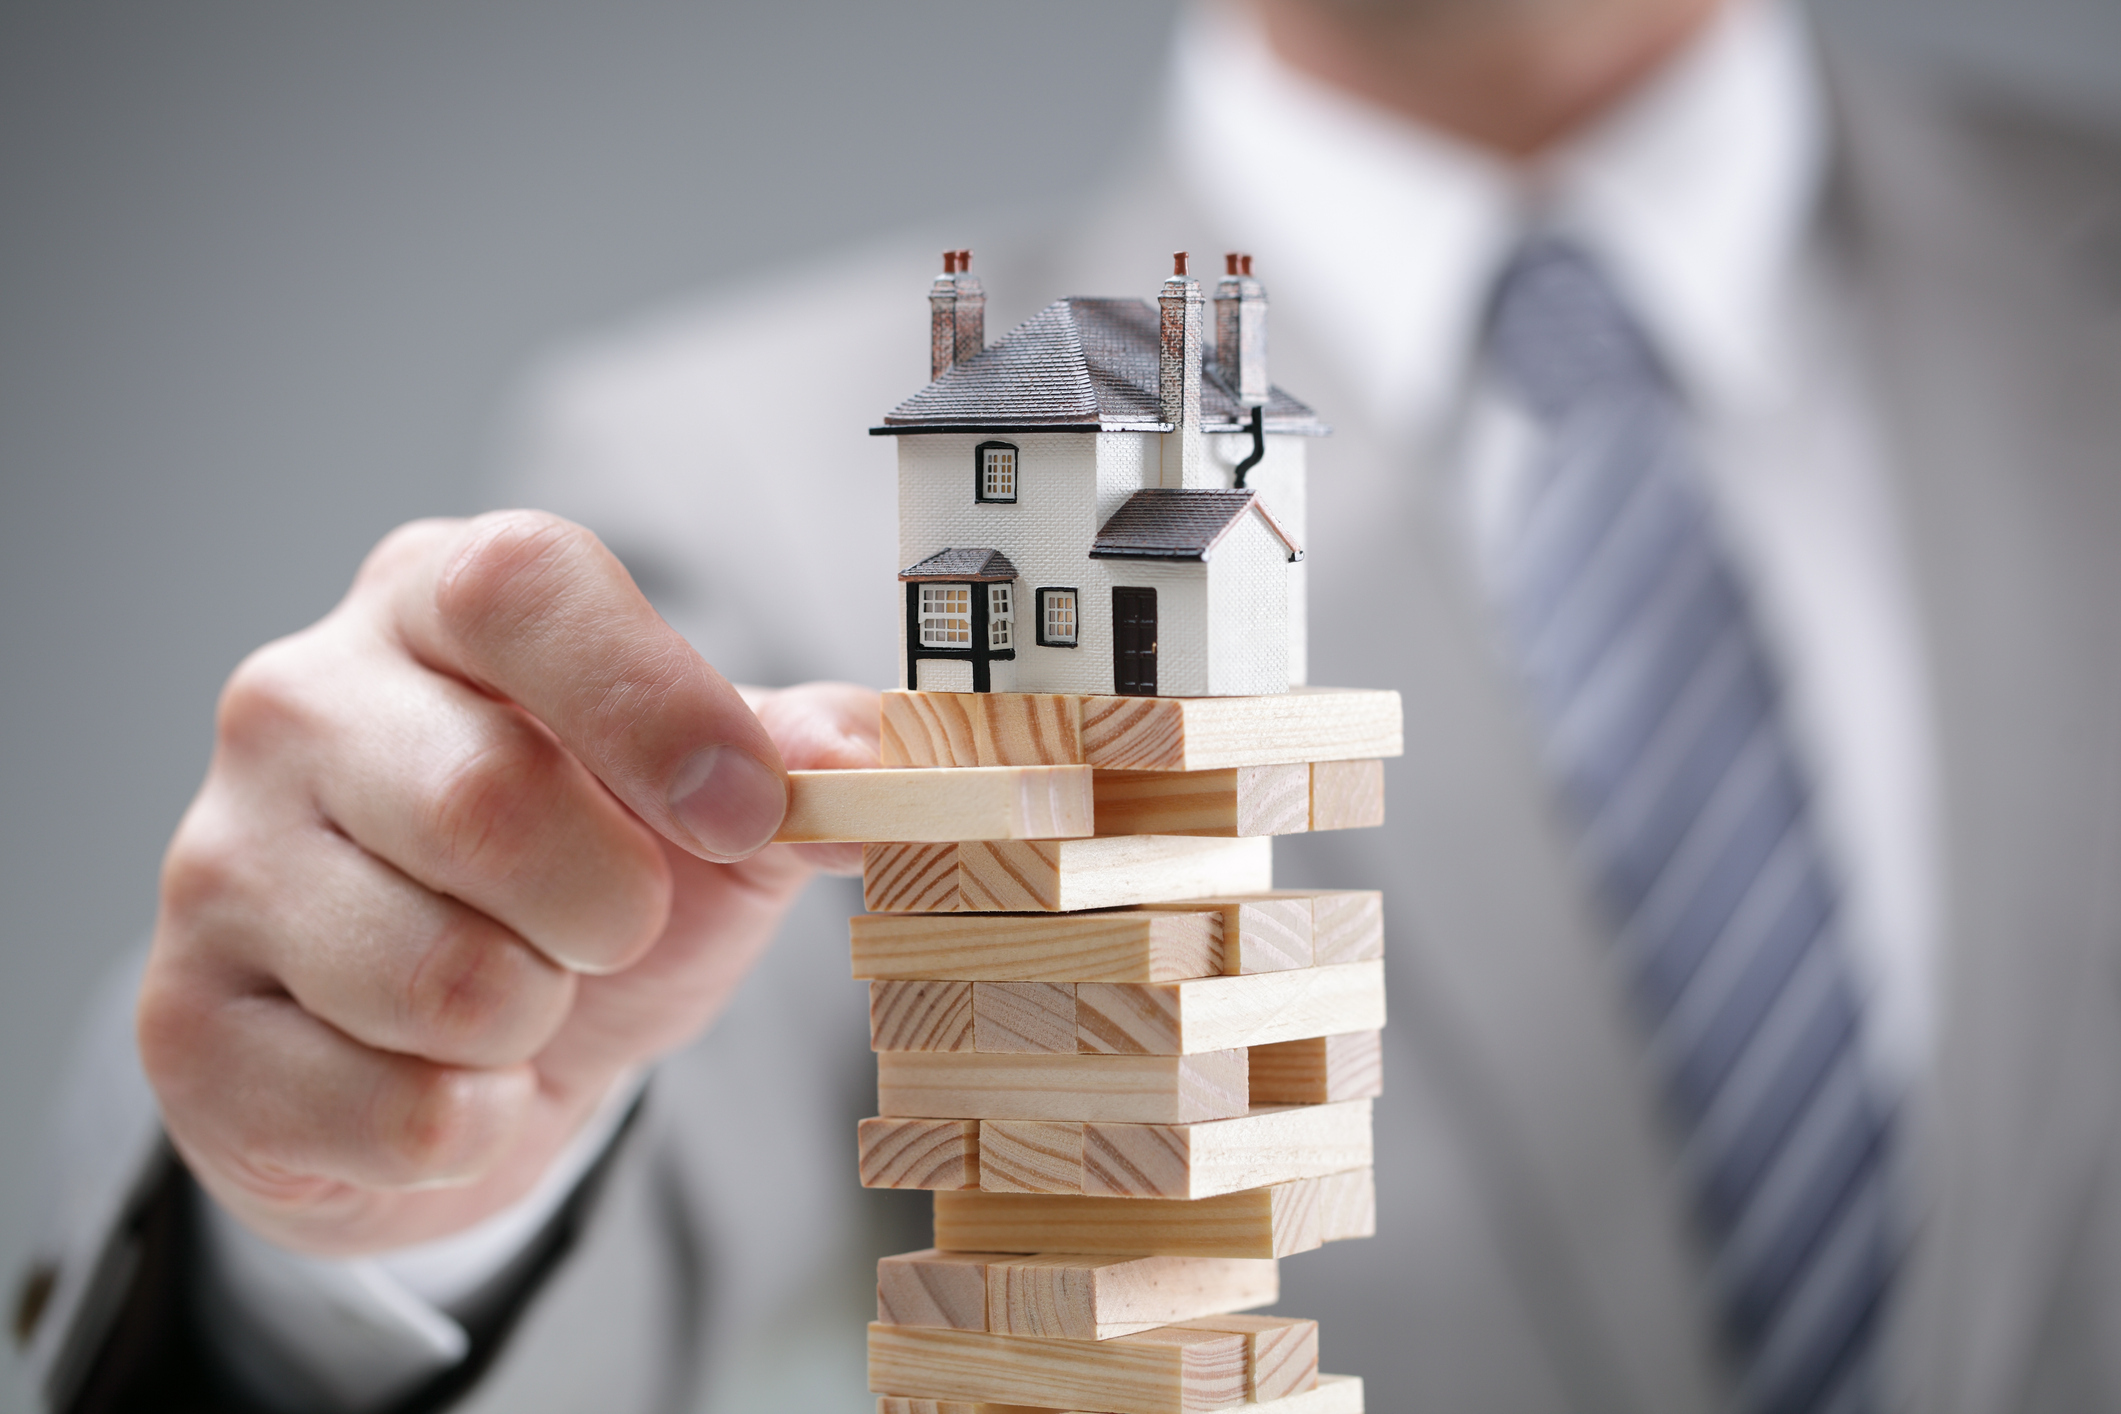 王蒙徽:住房和城乡建设事业发展成就显著